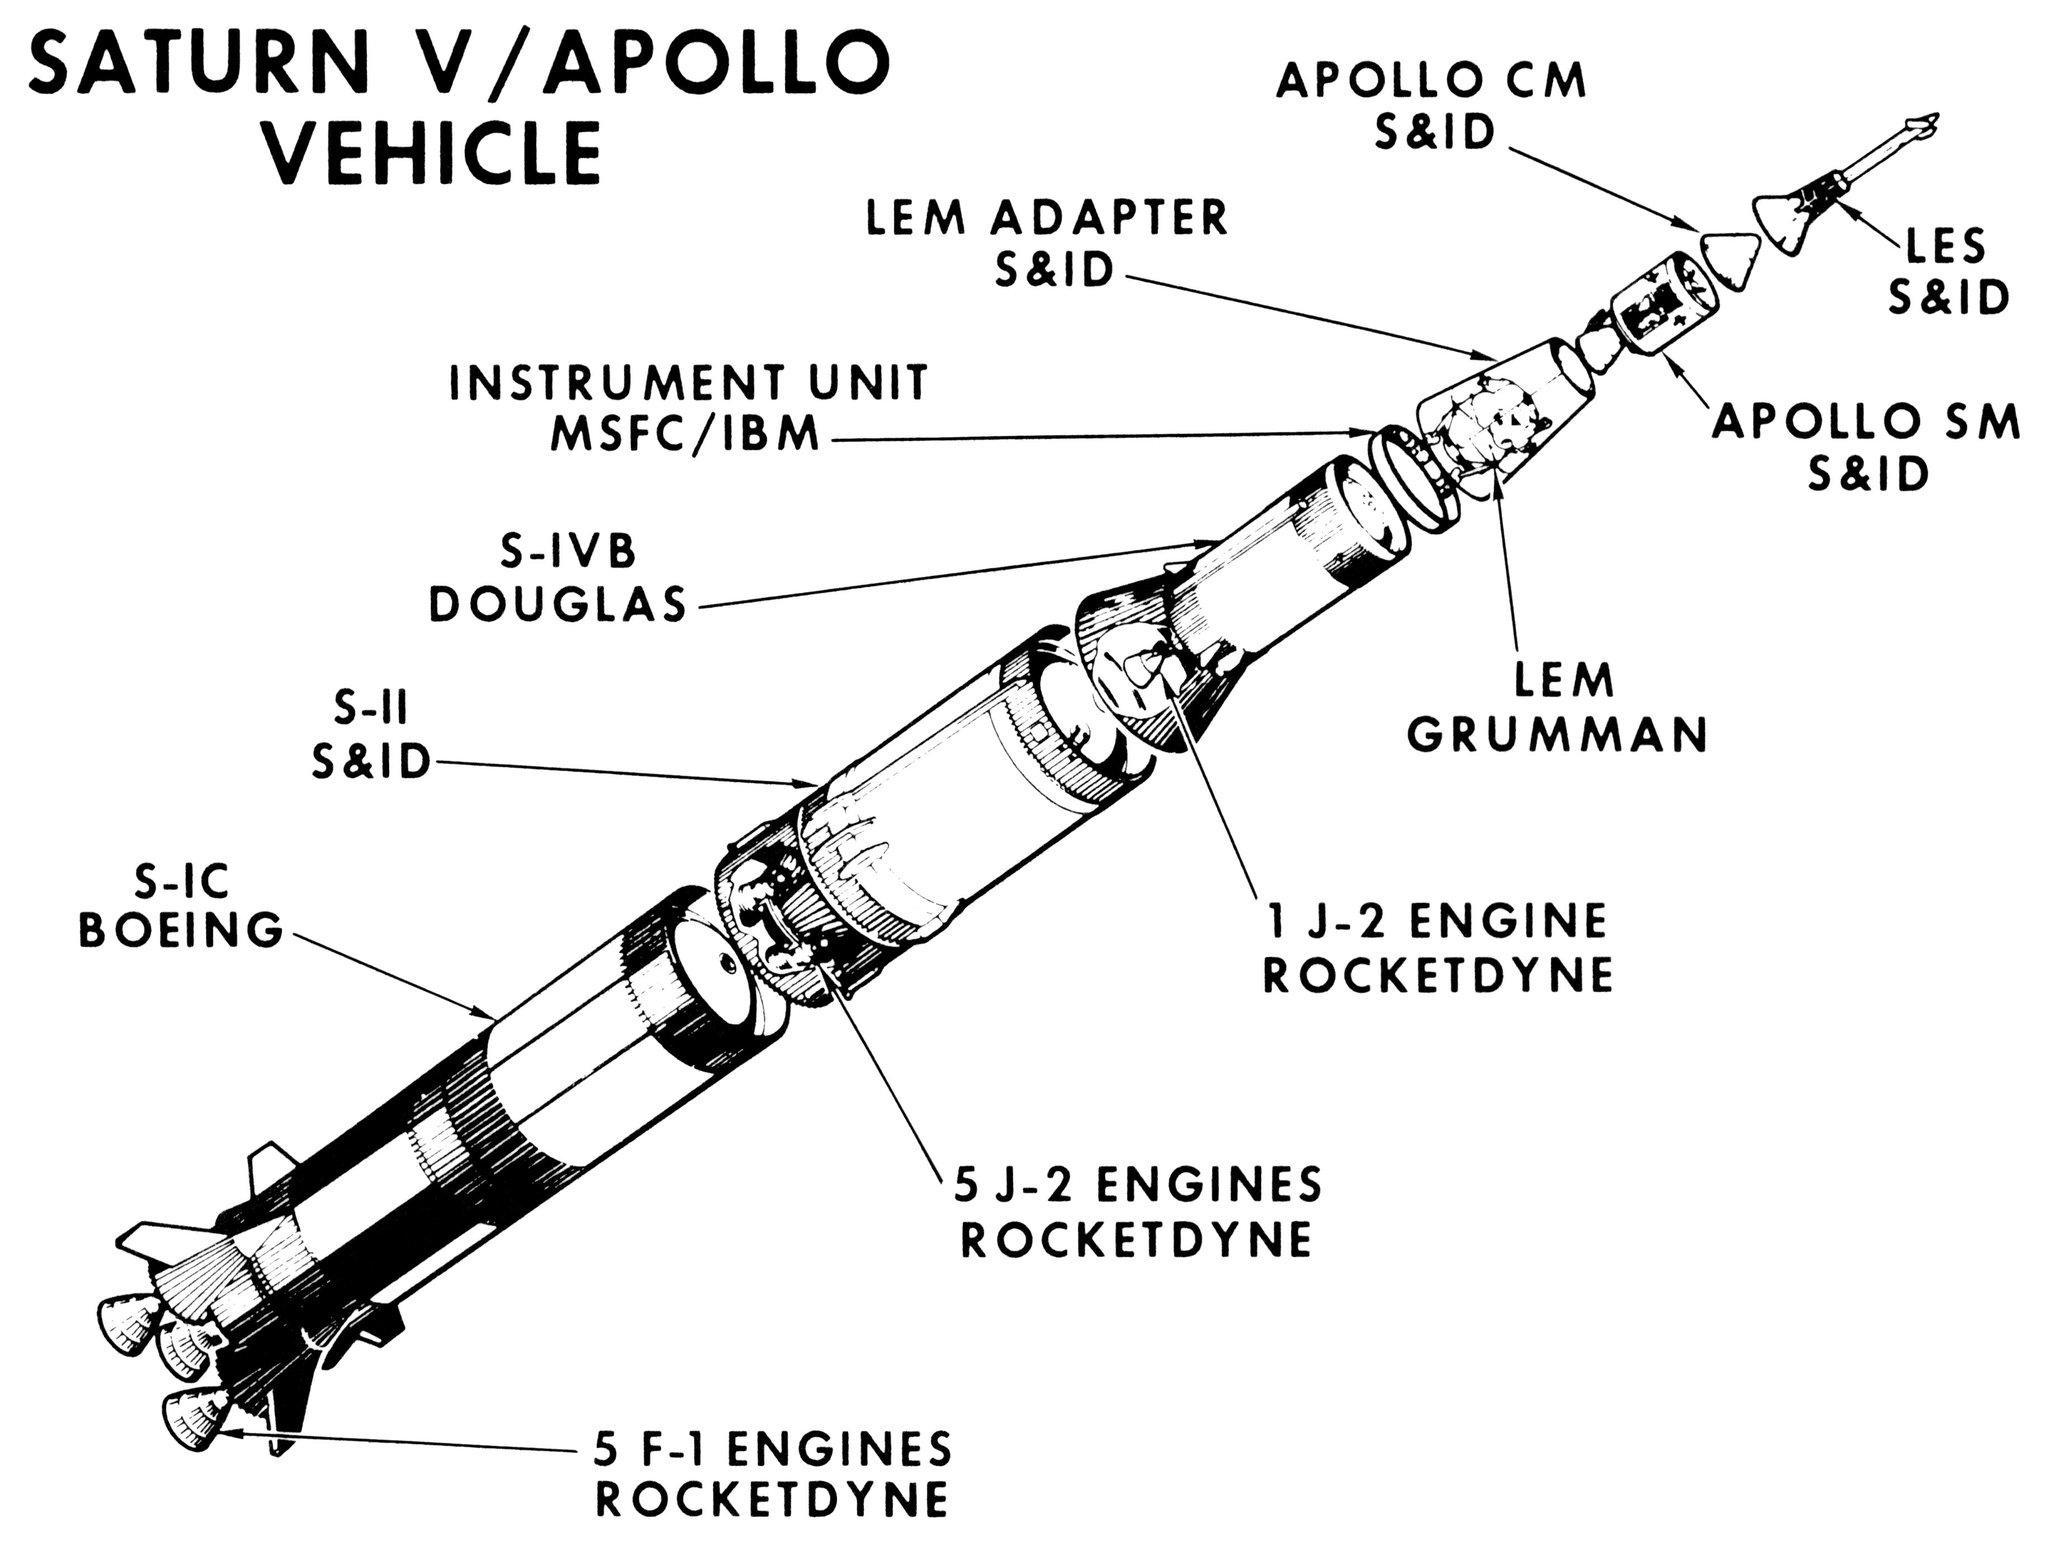 saturn rocket dimensions - HD1280×973